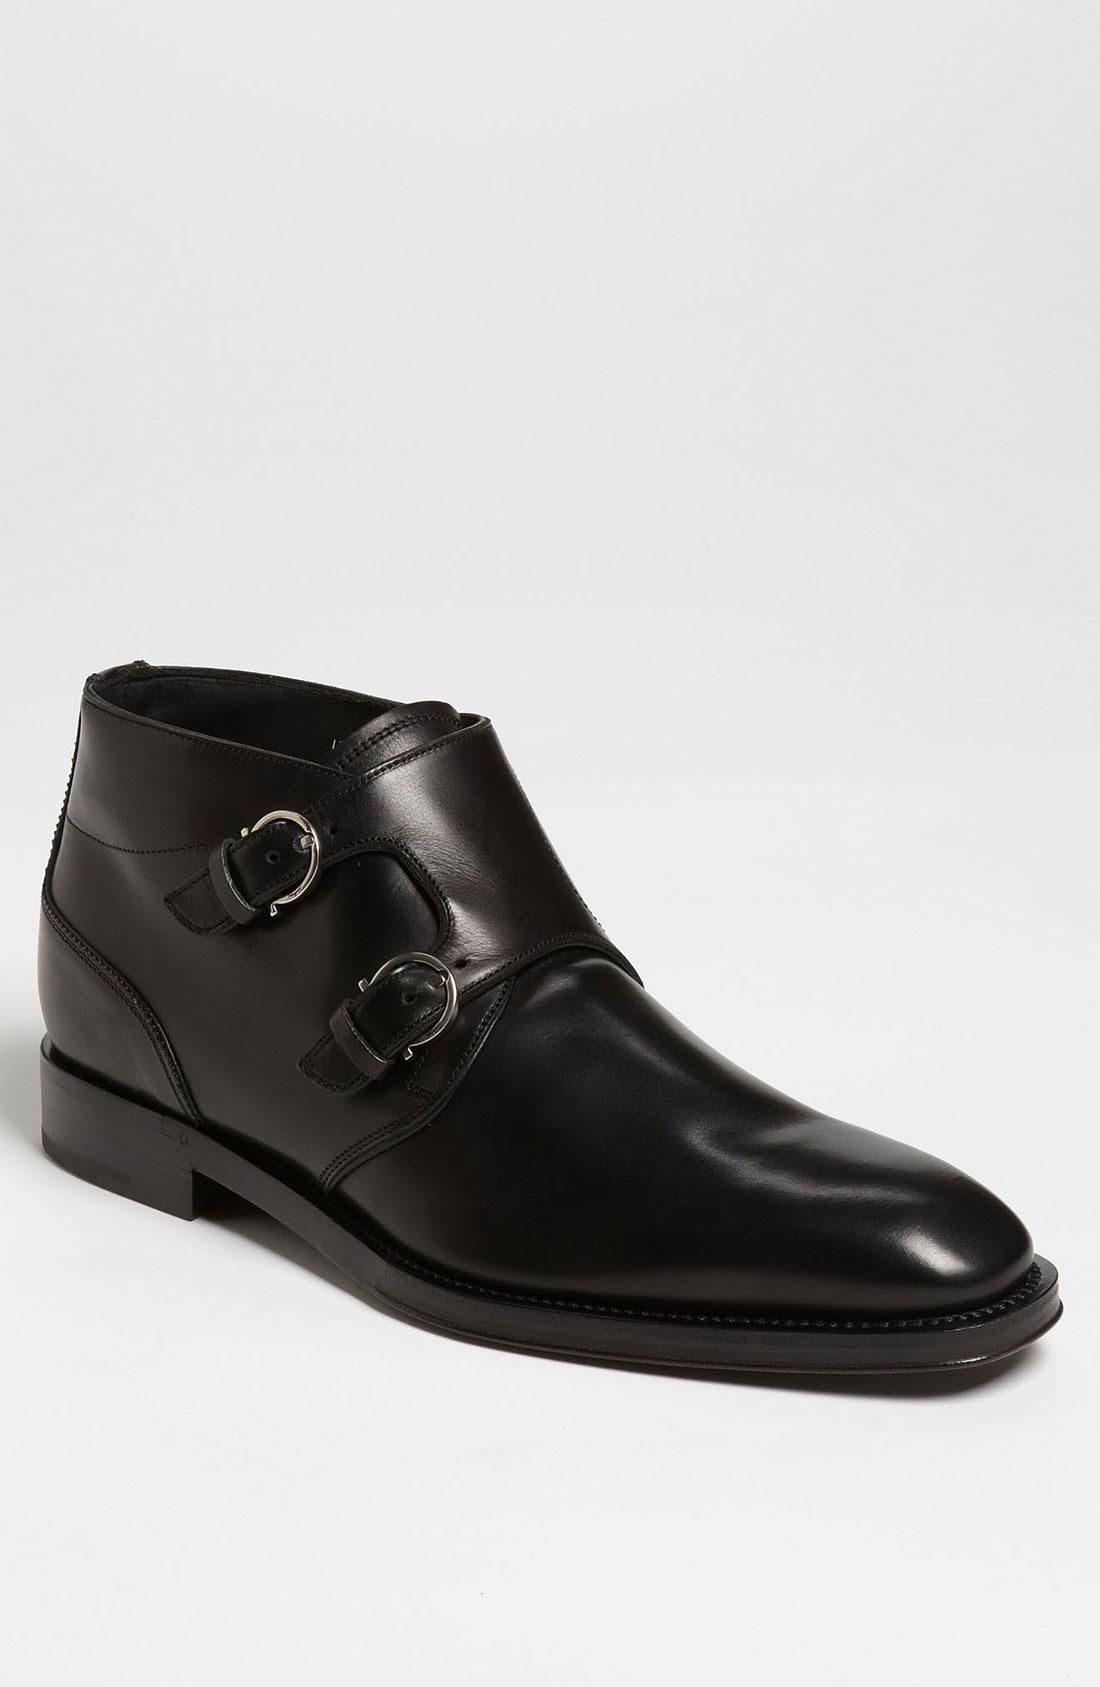 Ferragamo Arezzo Double Monk Strap Boot In Black For Men